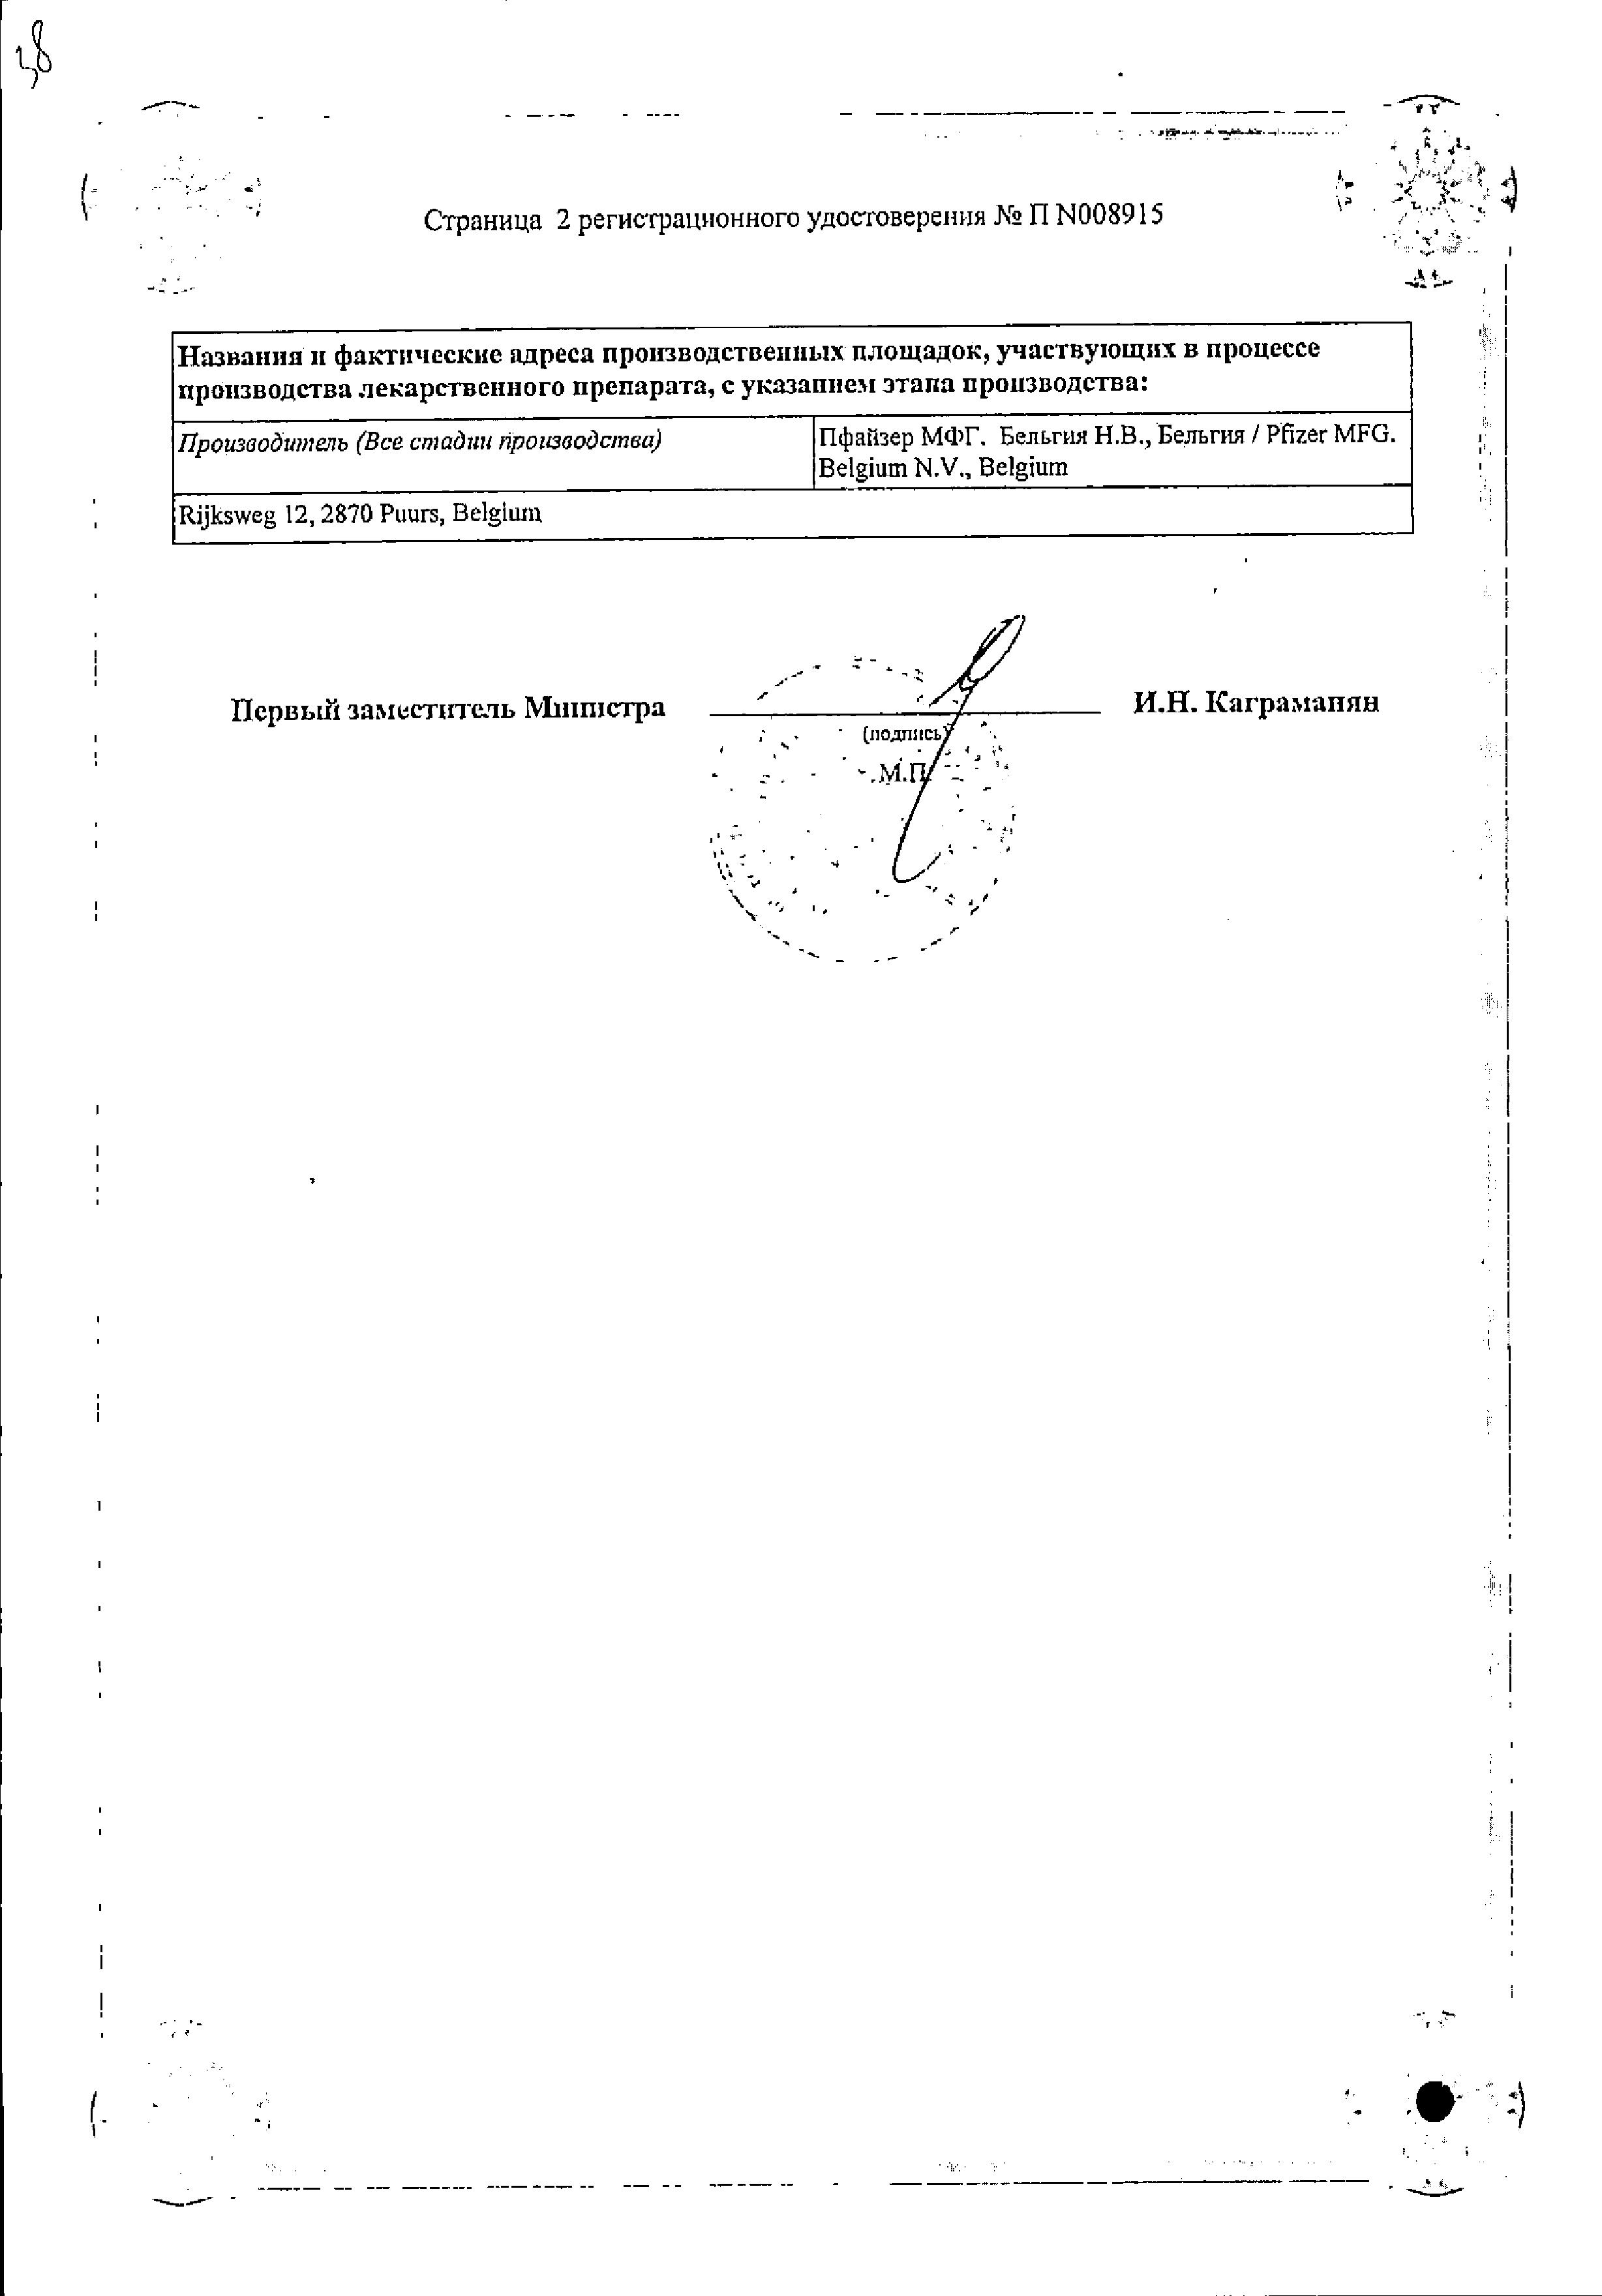 Солу-Кортеф сертификат